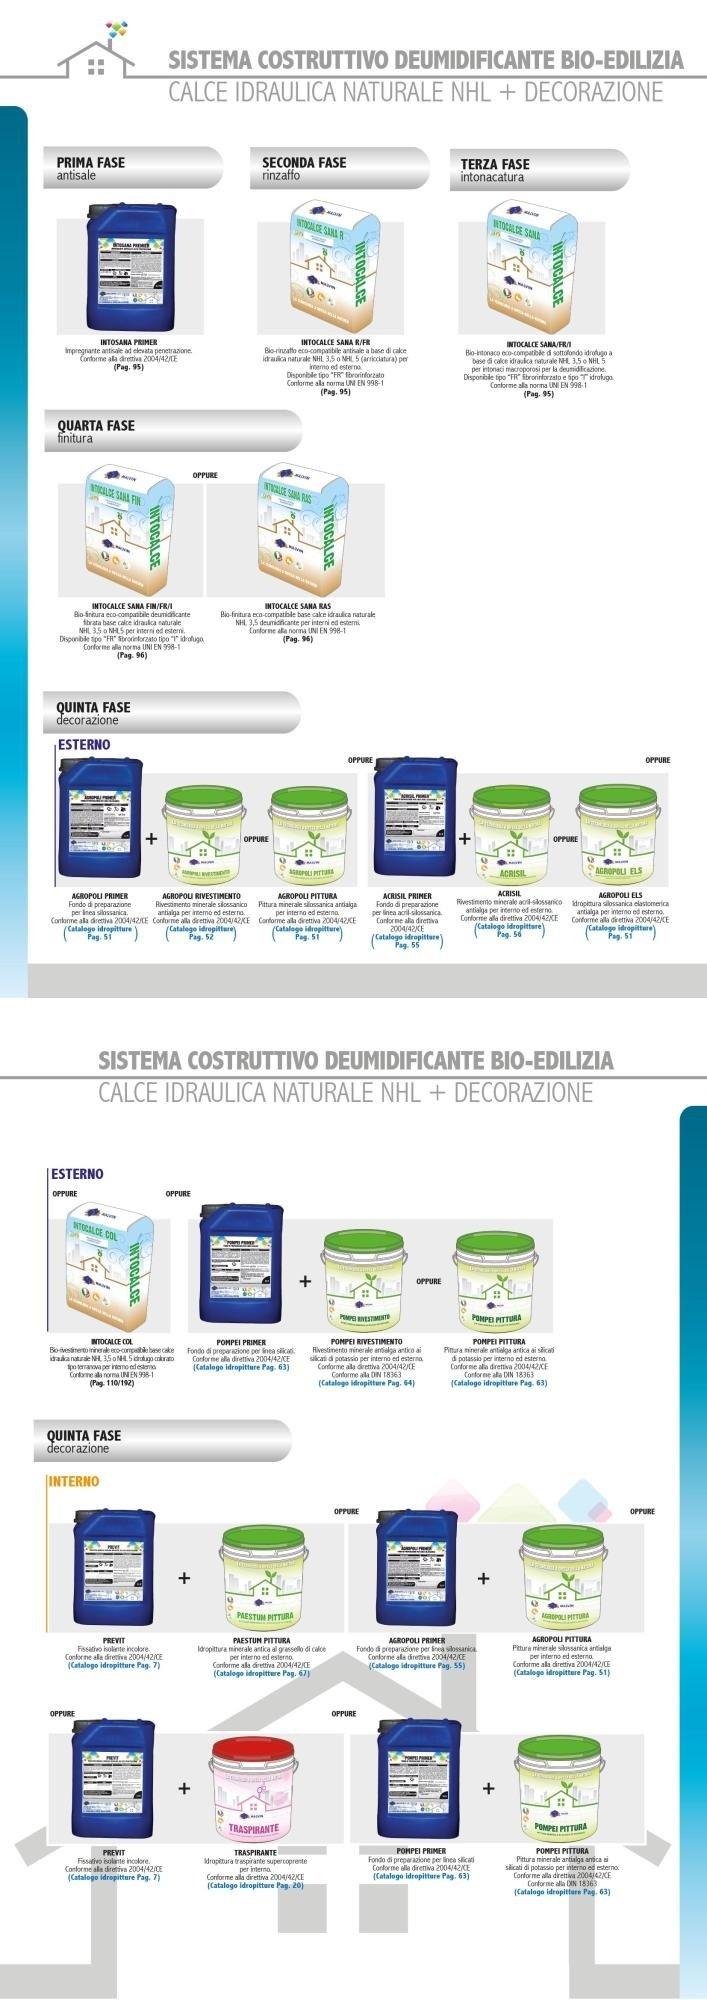 Sistema Costruttivo Deumidificante Bio-edilizia (Calce e Bio-Pozzolana)